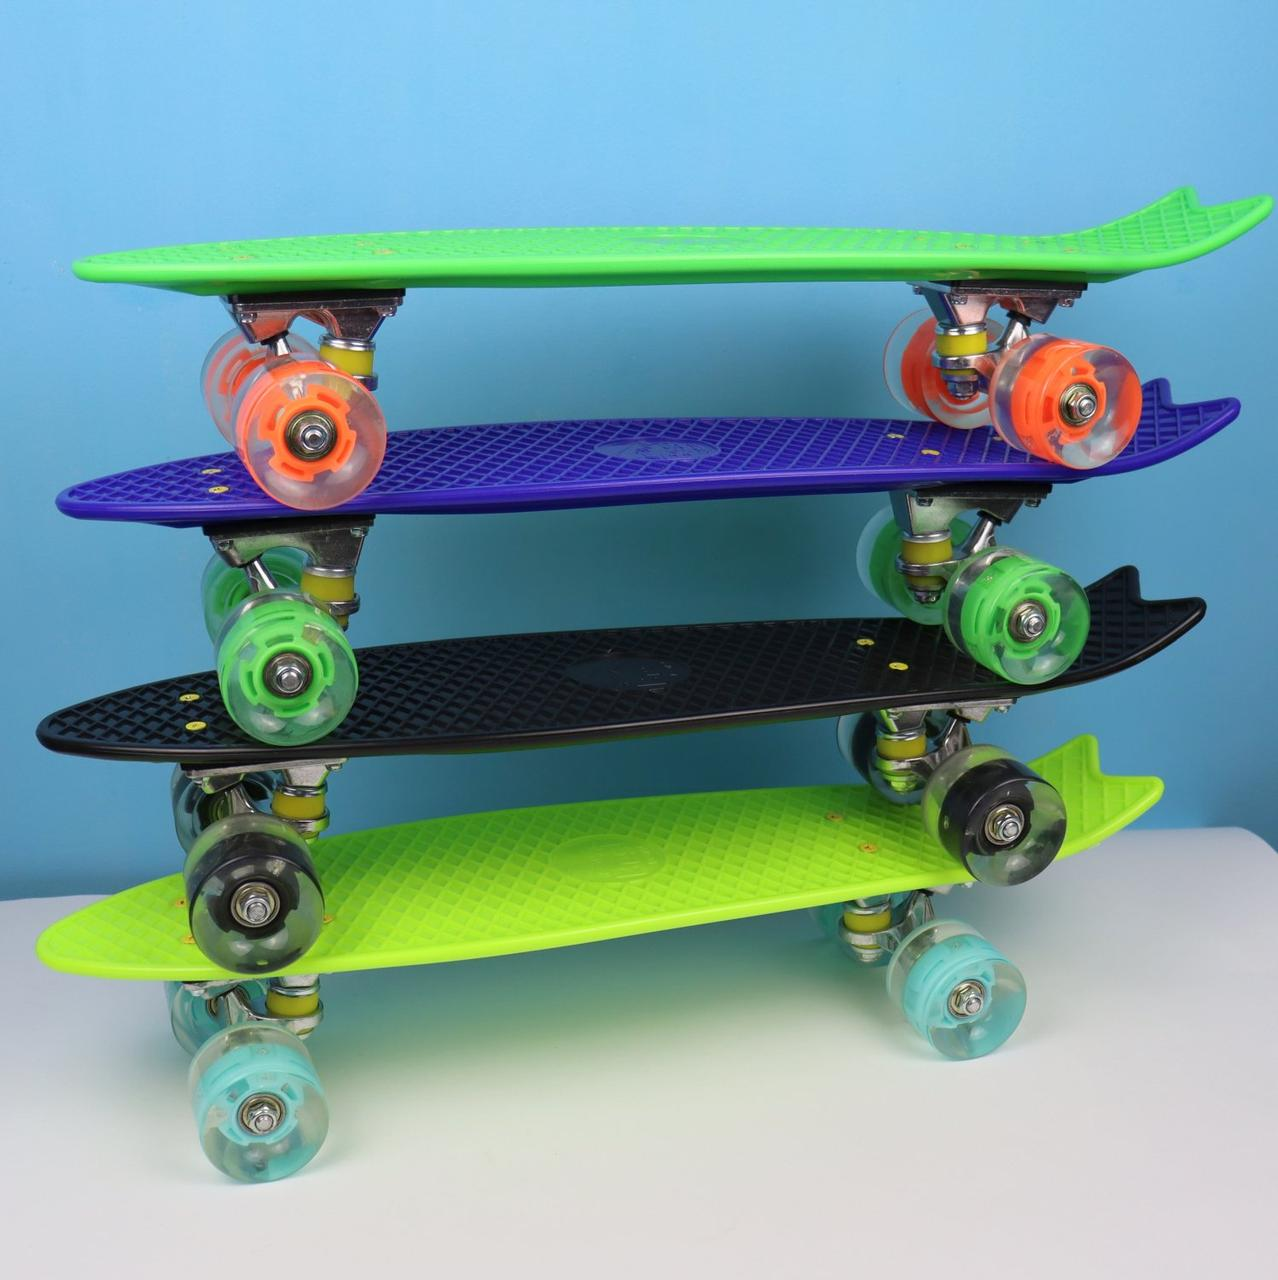 Скейт Пенни борд  Best Board, в разных цветах, свет, доска=55см, колёса PU  d=6см